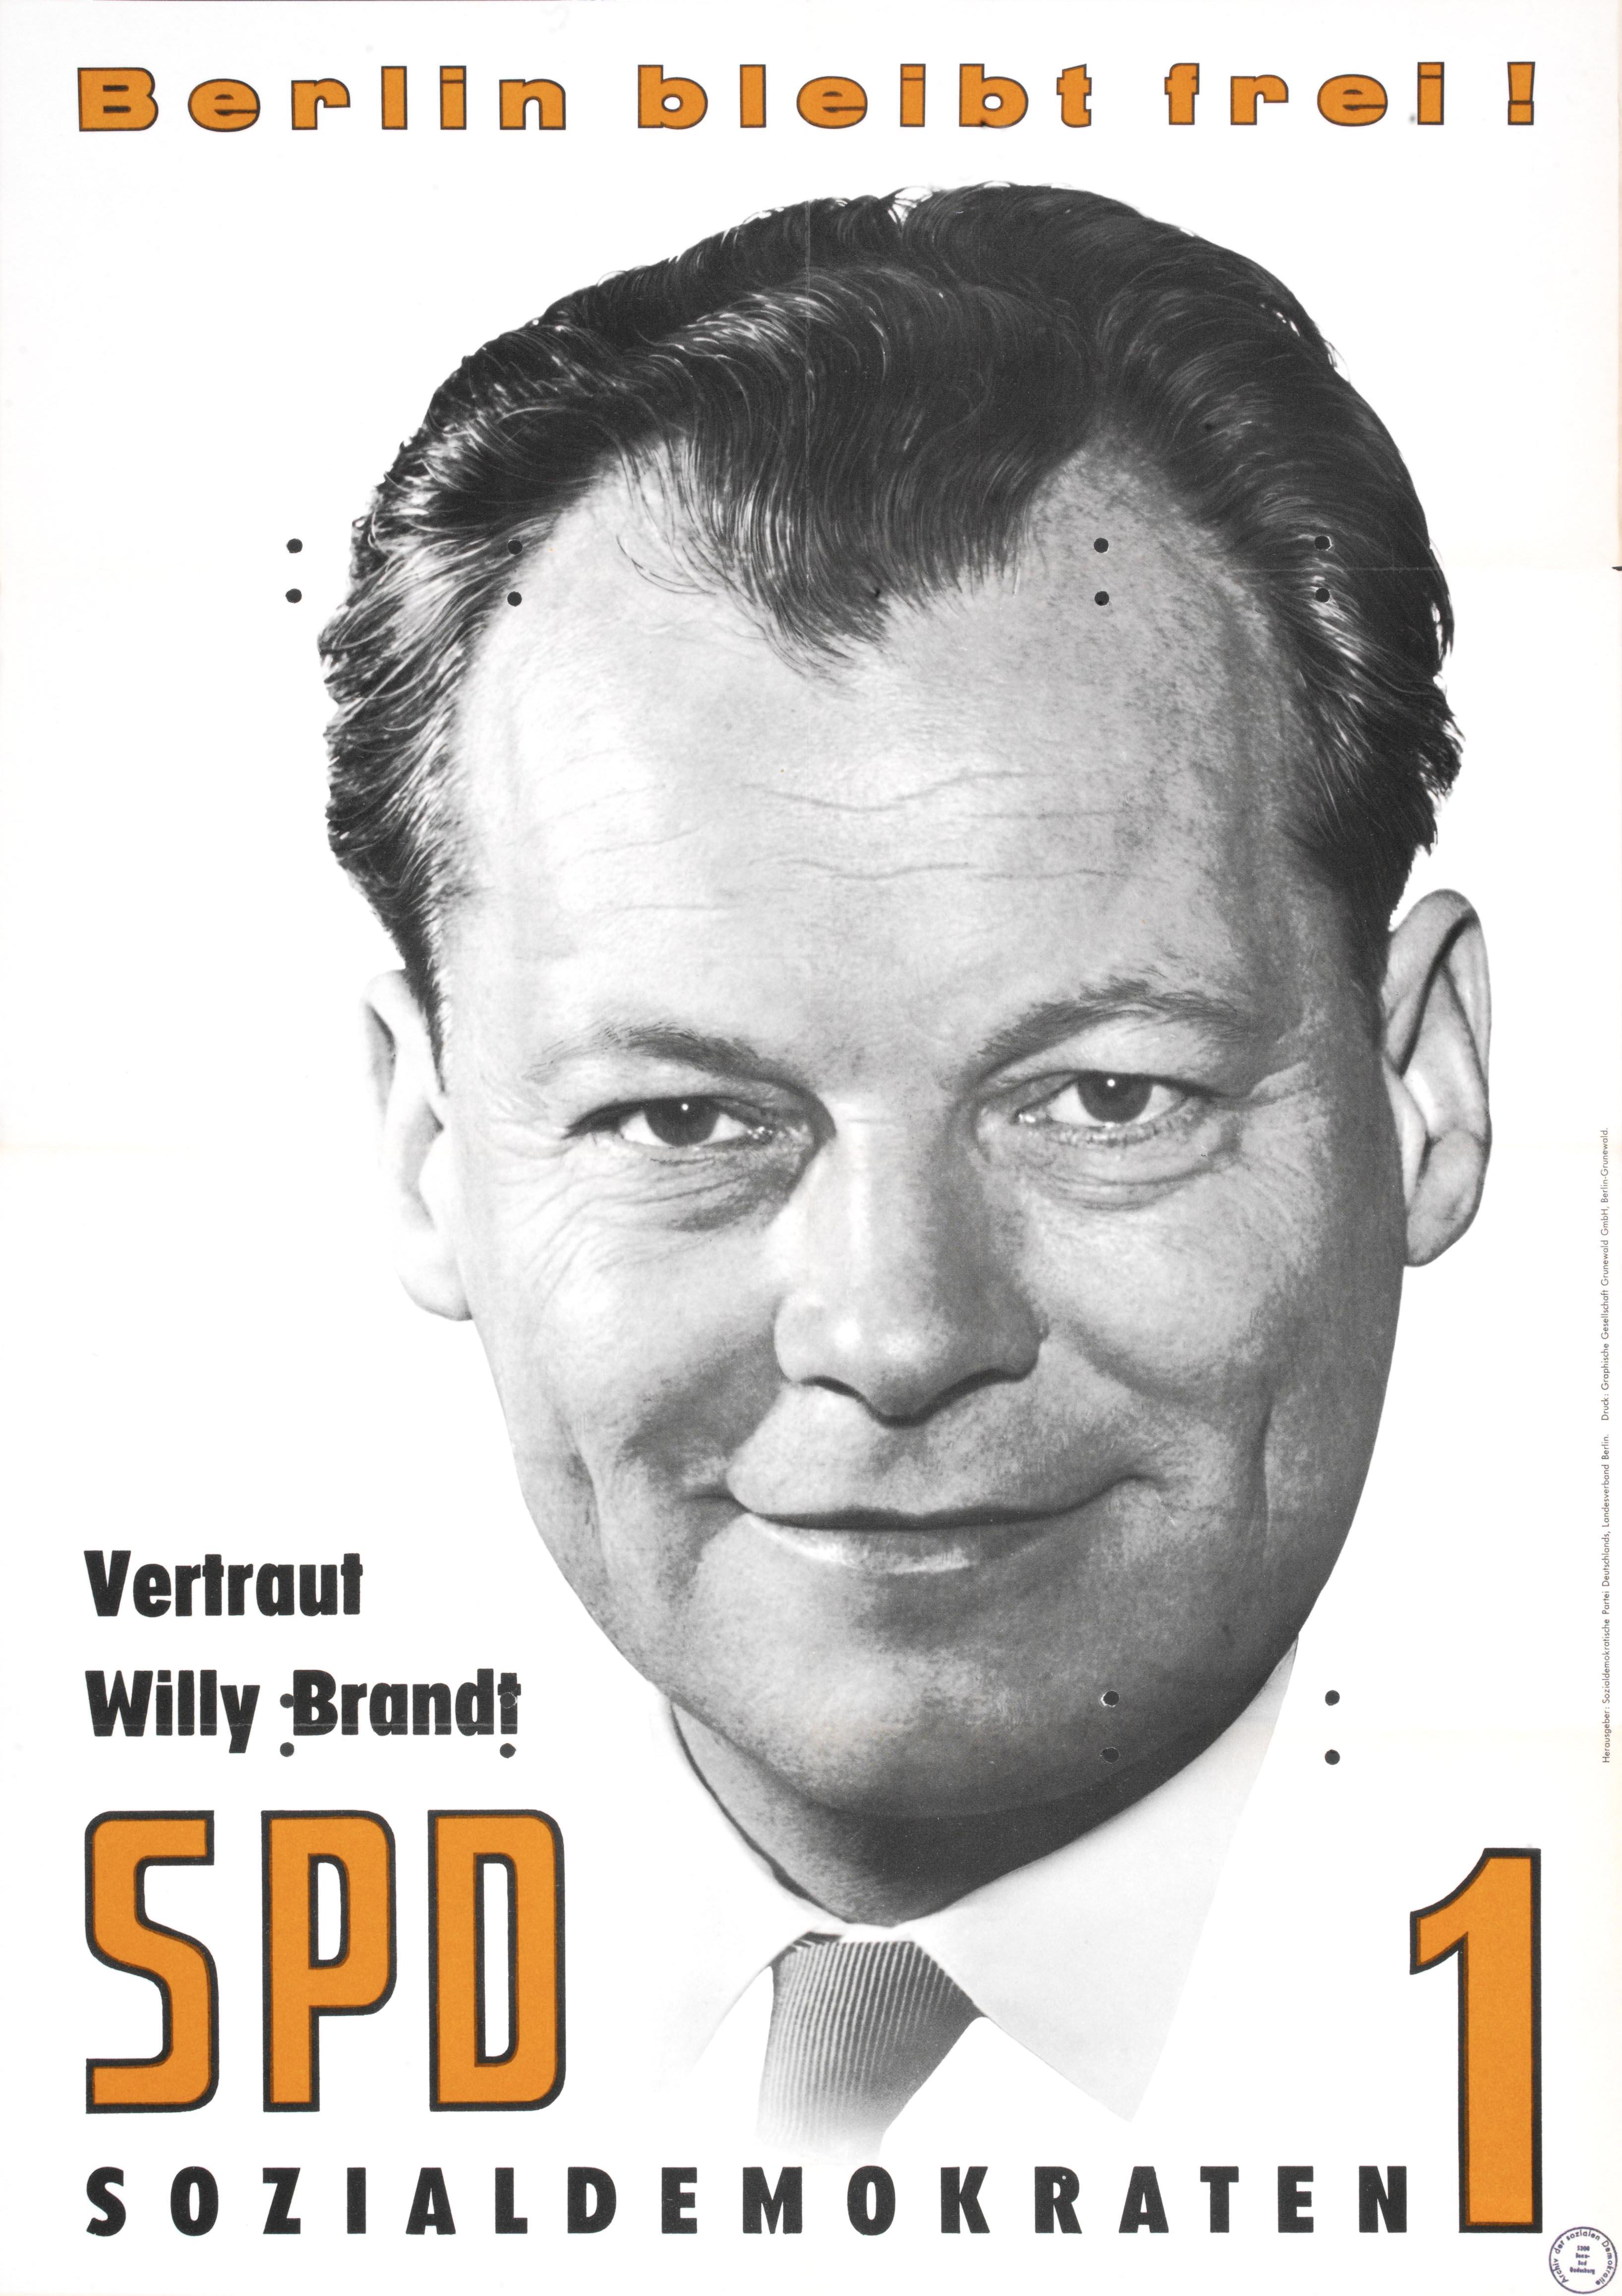 mrz 1963 wiederwahl willy brandts zum regierenden brgermeister von berlin - Willy Brandt Lebenslauf